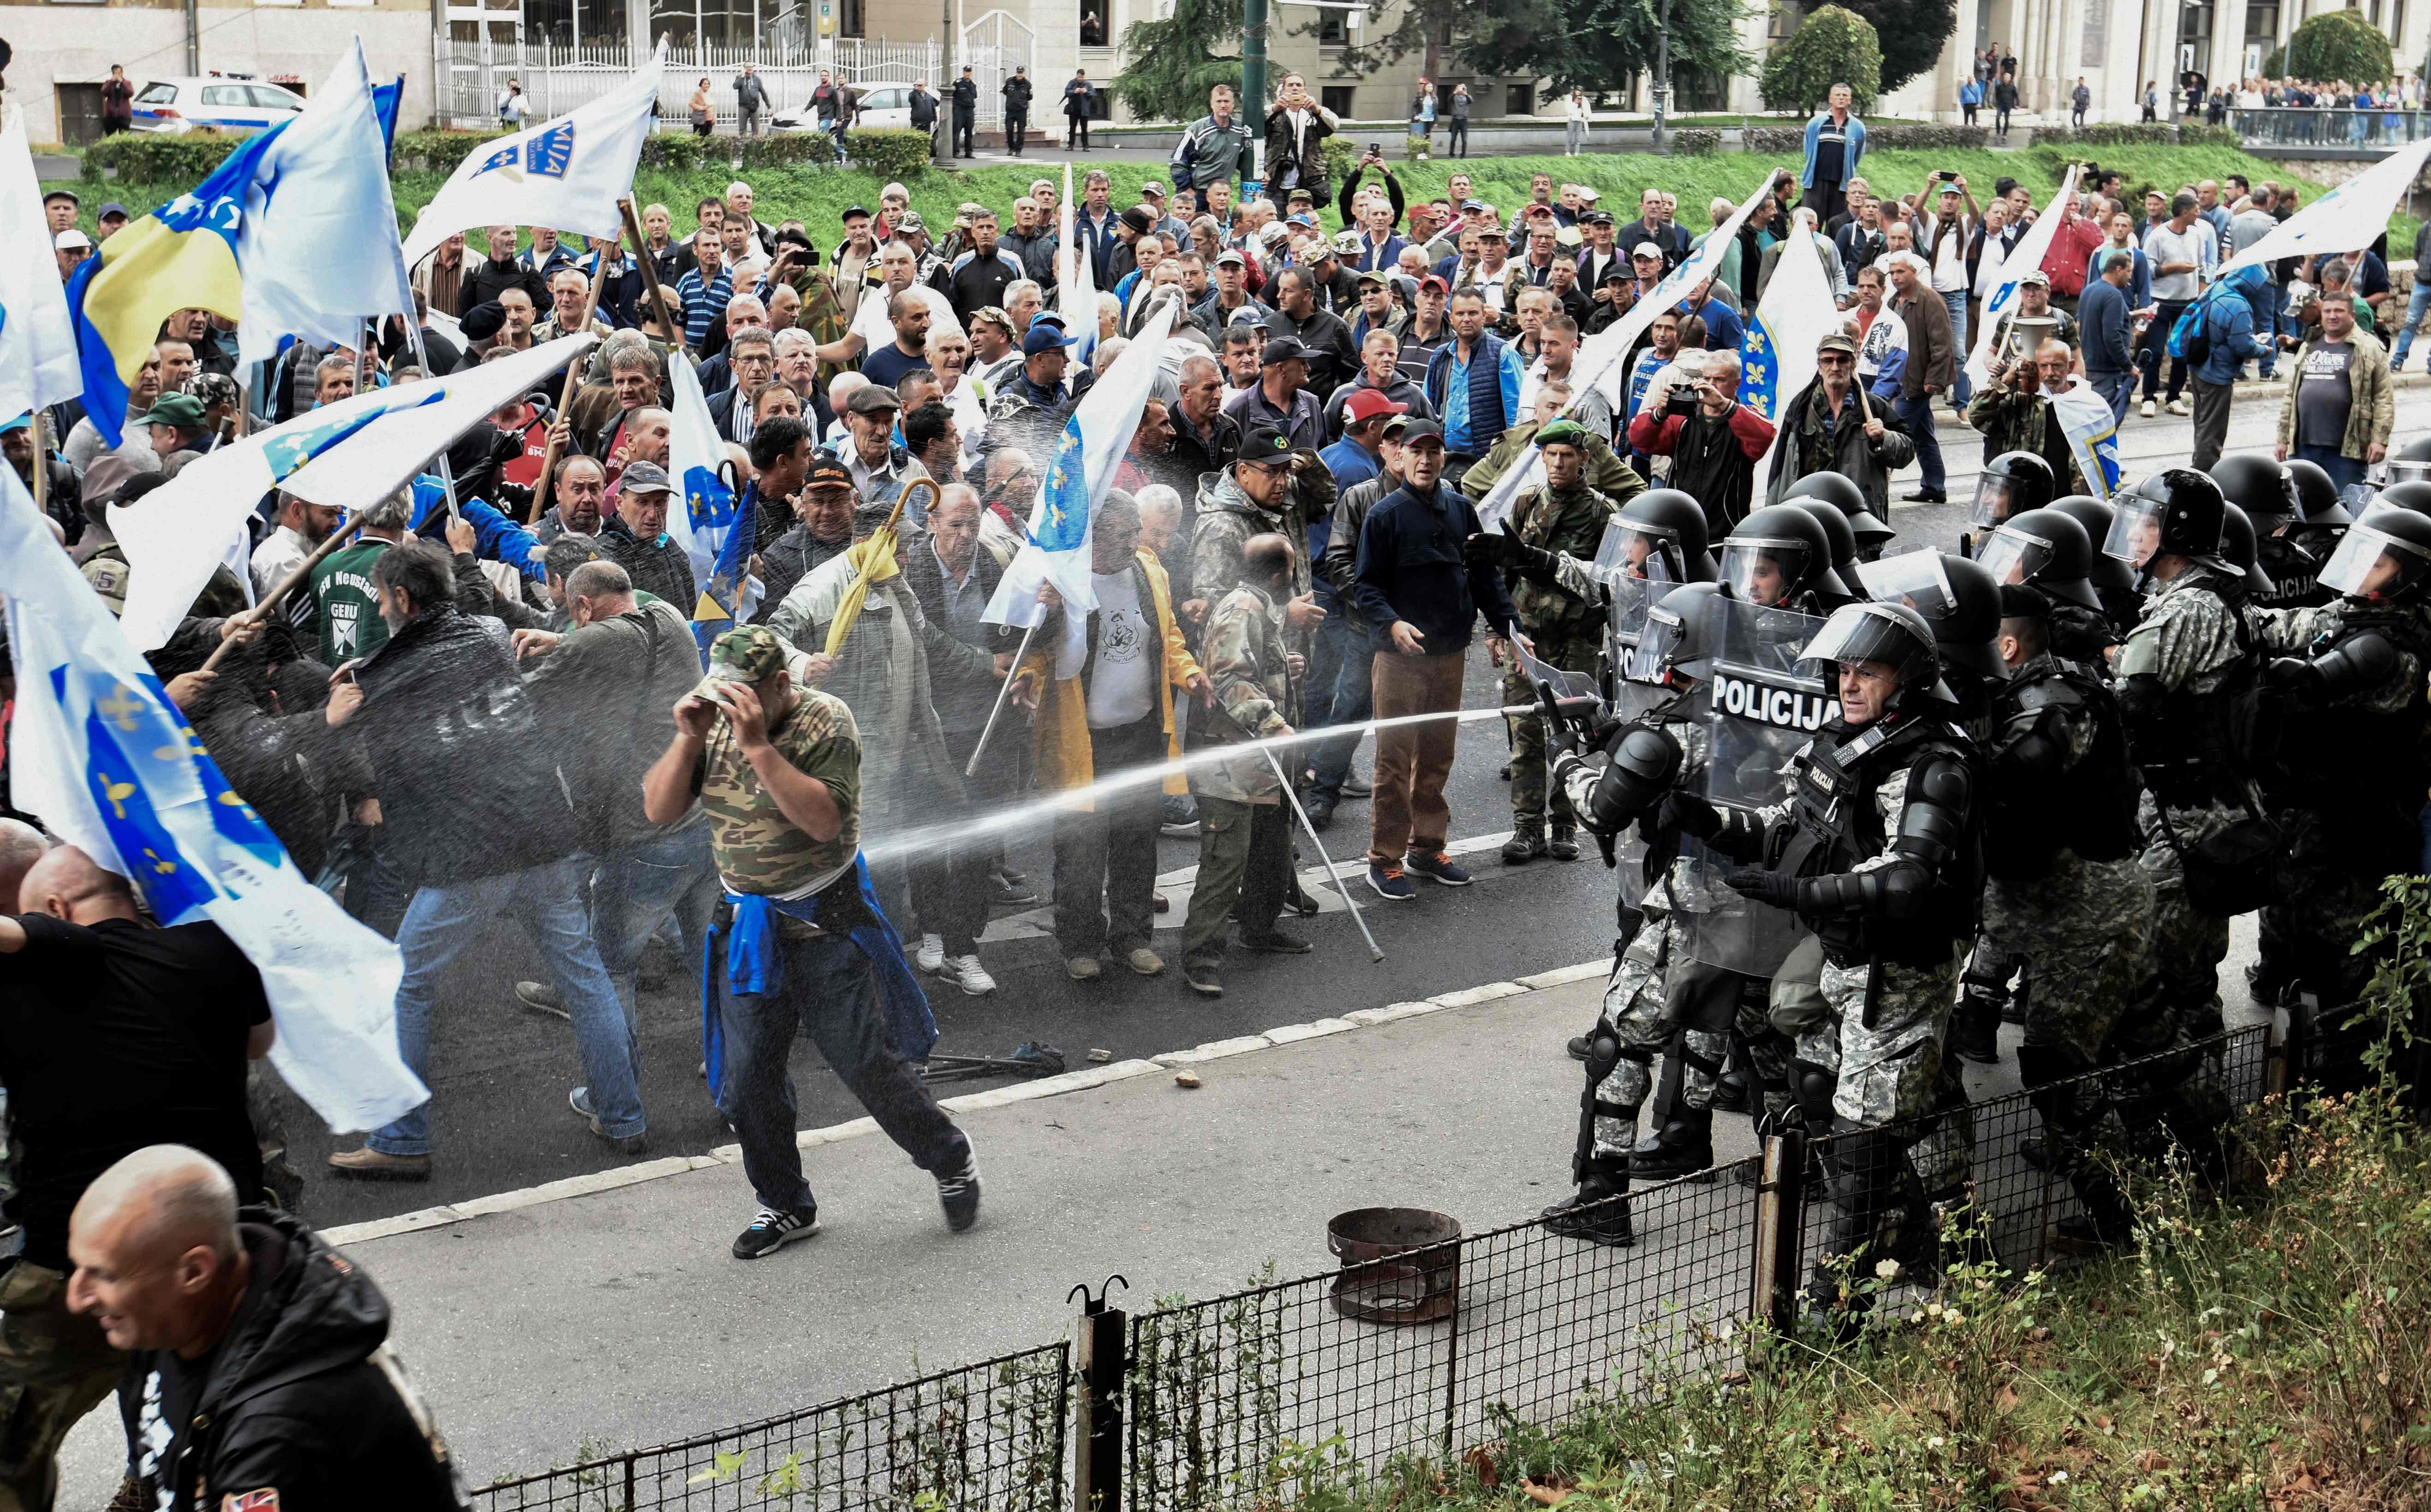 صور.. شرطة البوسنة تشتبك مع مئات من المحاربين القدماء بالعاصمة سراييفو  1435392-البوسنة-(1)